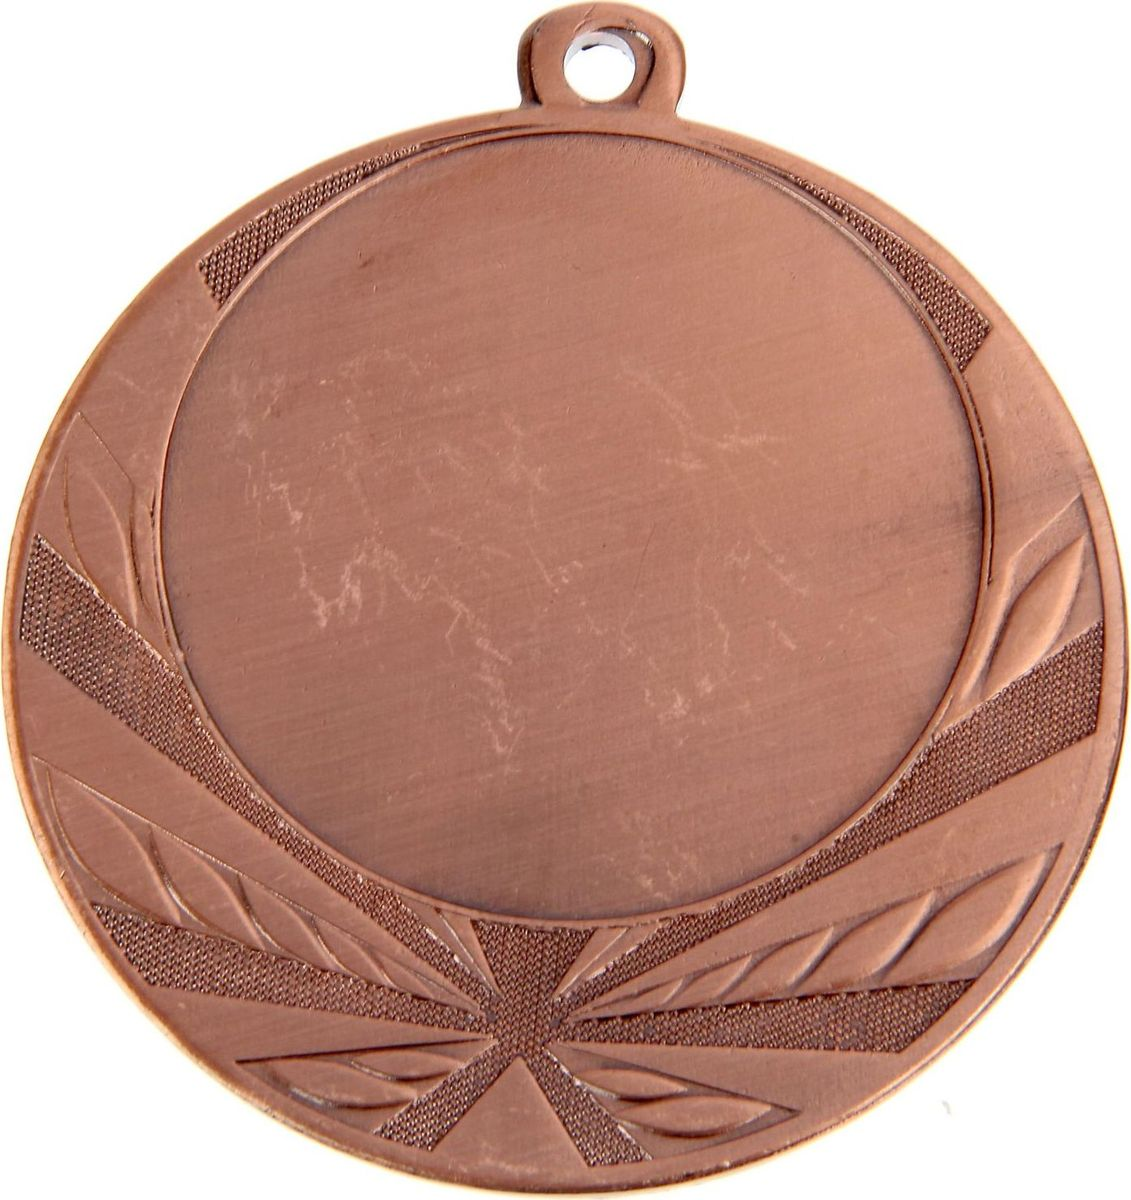 Медаль сувенирная с местом для гравировки, цвет: бронзовый, диаметр 7 см. 12535571253557Медаль вручается лишь тем, кто проявил настойчивость и волю к победе, ведь такое событие должно оставаться в памяти на долгие годы. Любое спортивное состязание, профессиональное или среди любителей, любое корпоративное мероприятие — отличный повод для того, чтобы отметить лучших из лучших. Характеристики:Диаметр медали: 7 см Диаметр вкладыша (лицо): 5 см Диаметр вкладыша (оборот): 5 см.